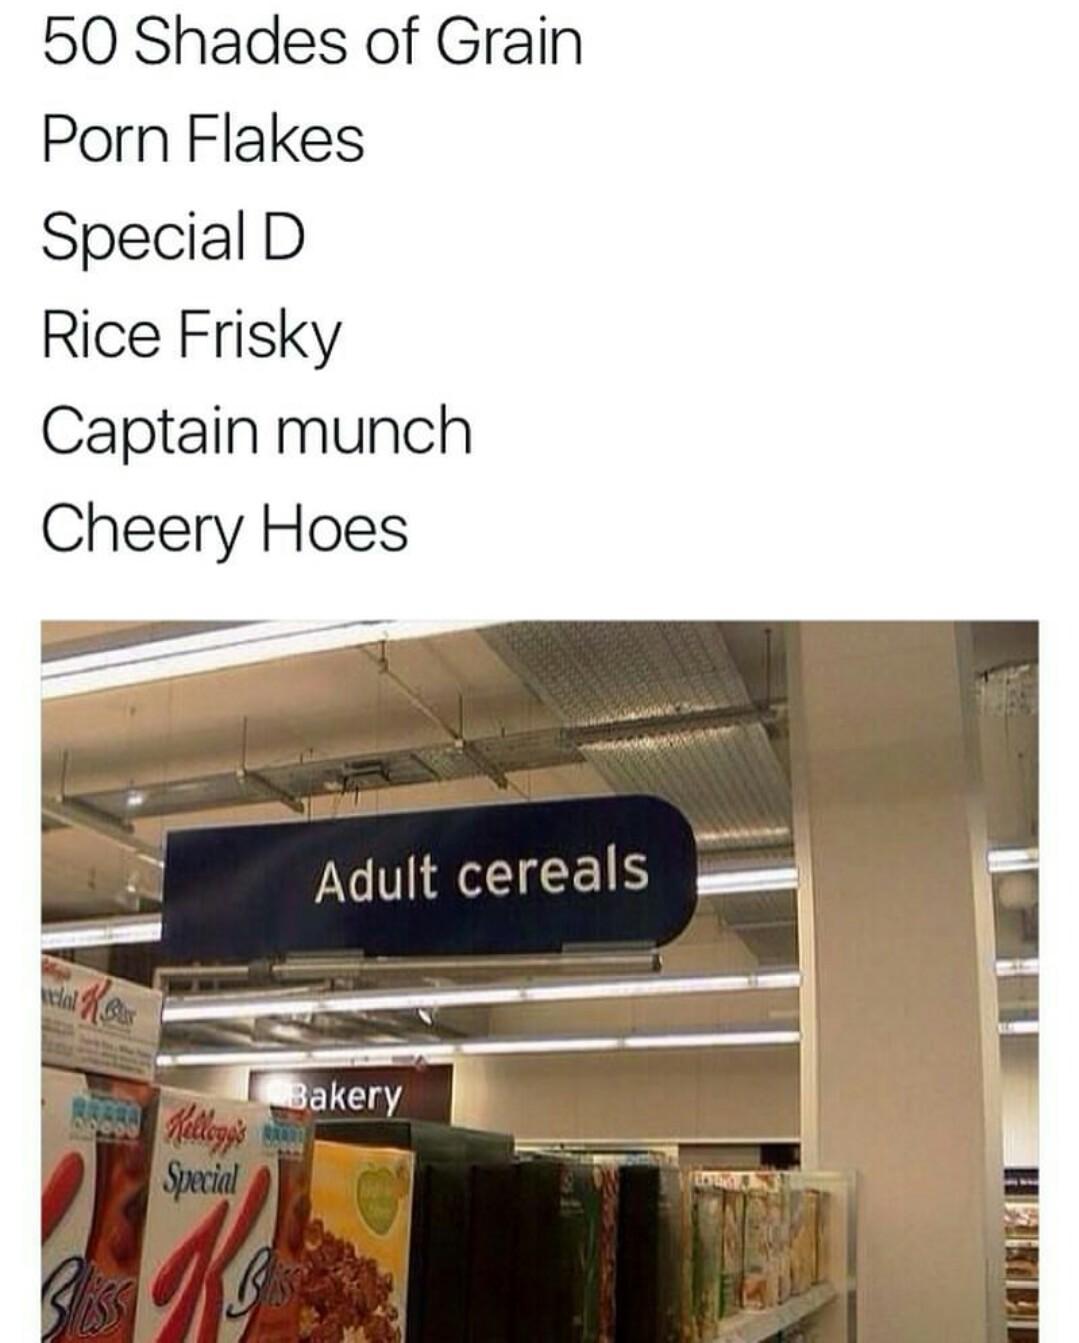 Fruit Lube - meme